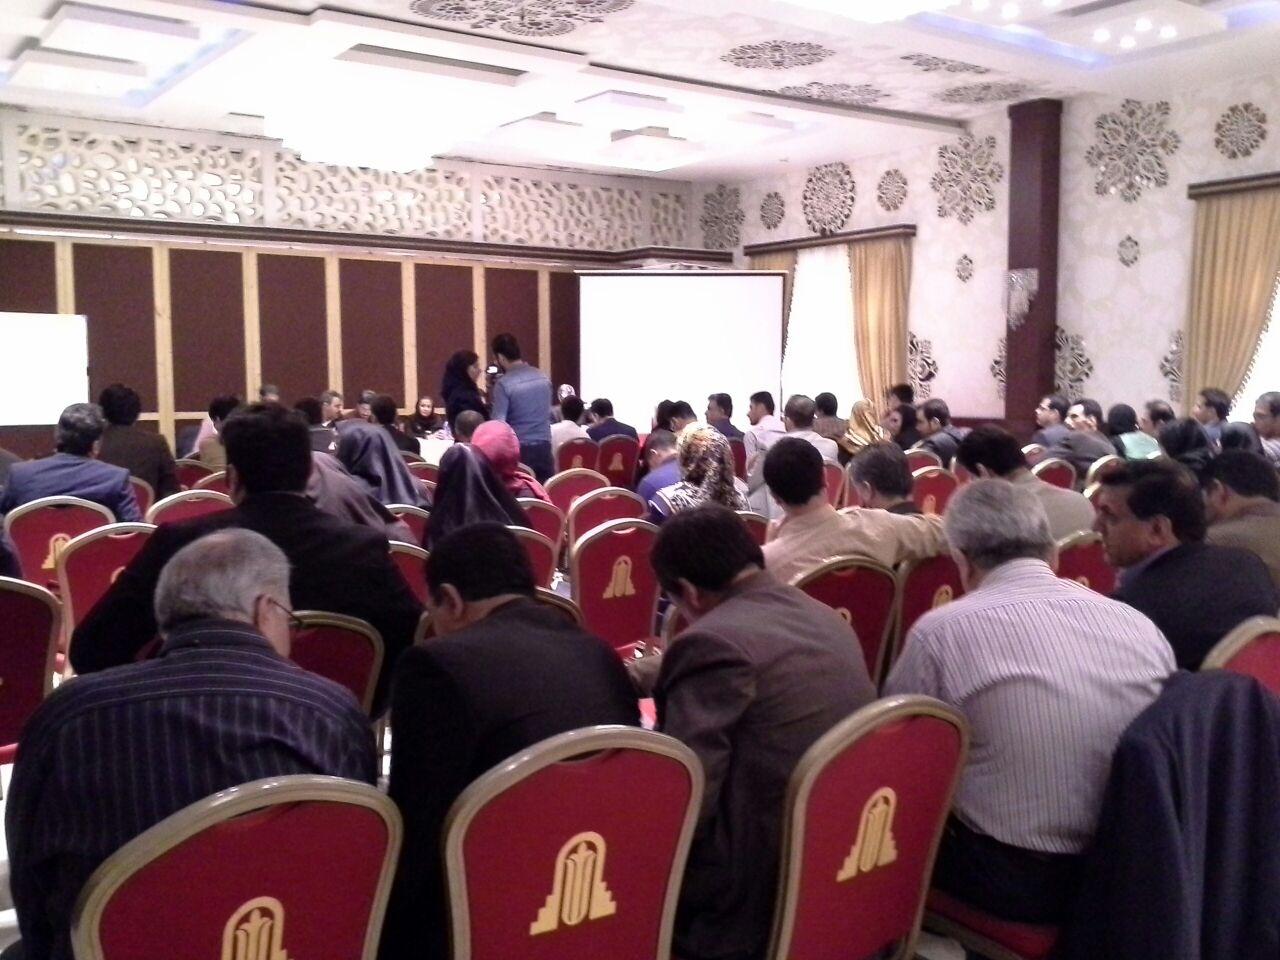 مجمع عمومی کانون هموفیلی ایران در سایه همدلی و همزبانی با موفقیت برگزار گردید